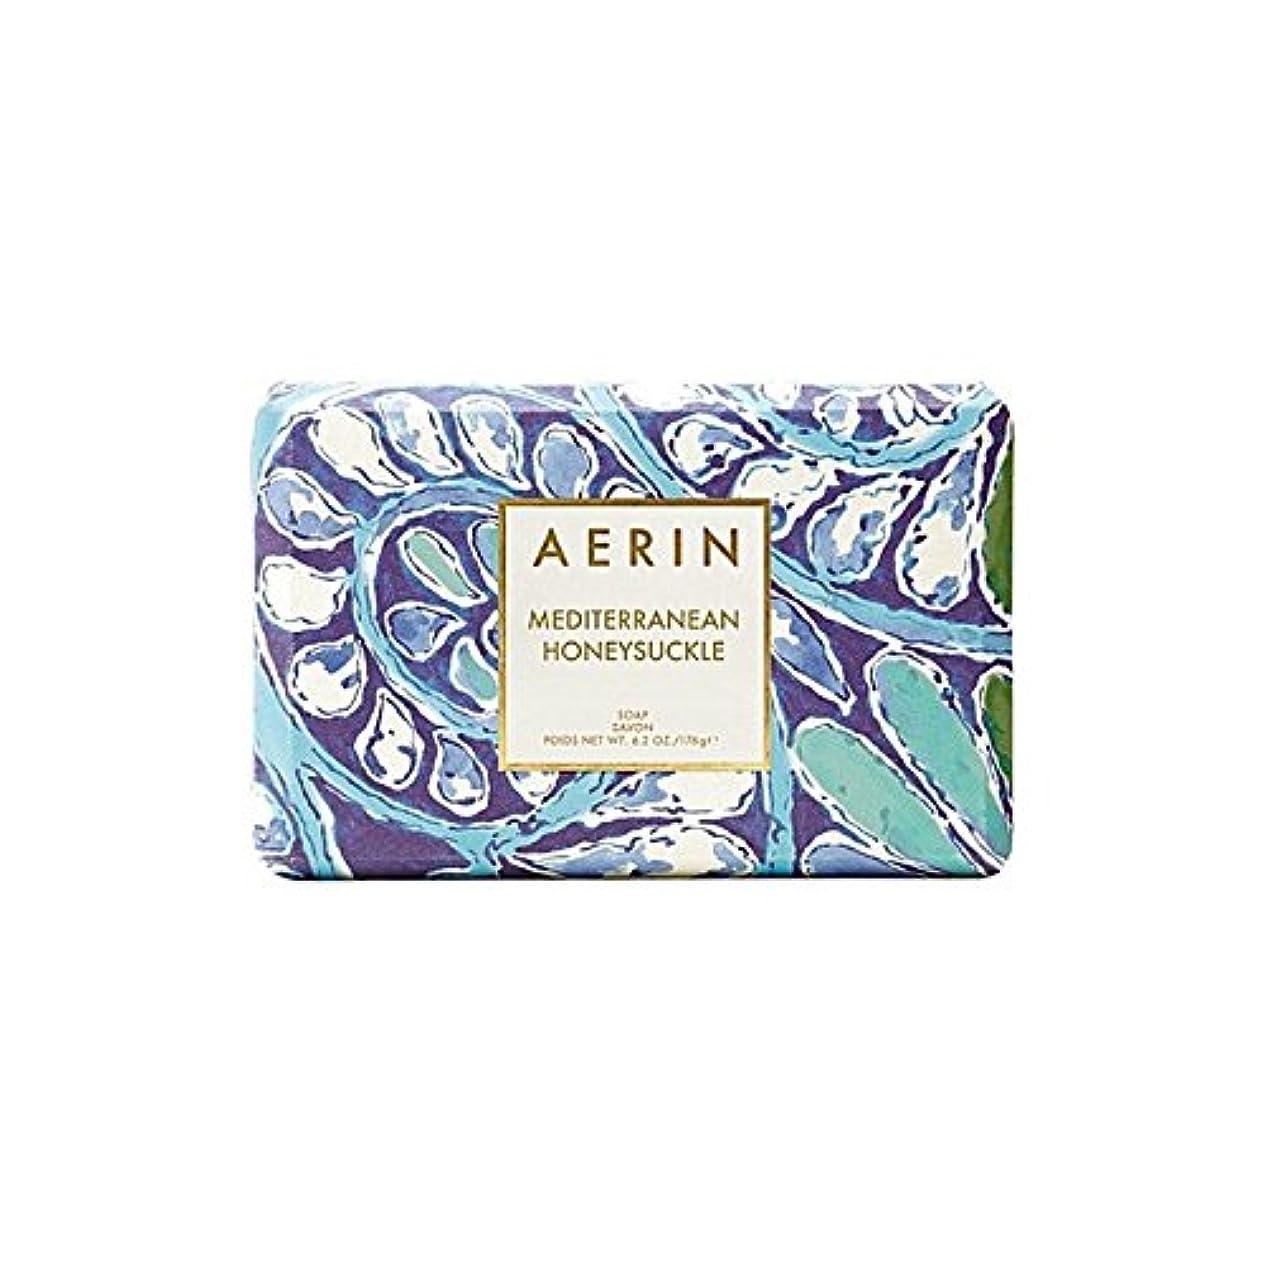 アシュリータファーマン佐賀学習Aerin Mediterrenean Honeysuckle Bar Soap 176G (Pack of 6) - スイカズラ固形石鹸176グラム x6 [並行輸入品]